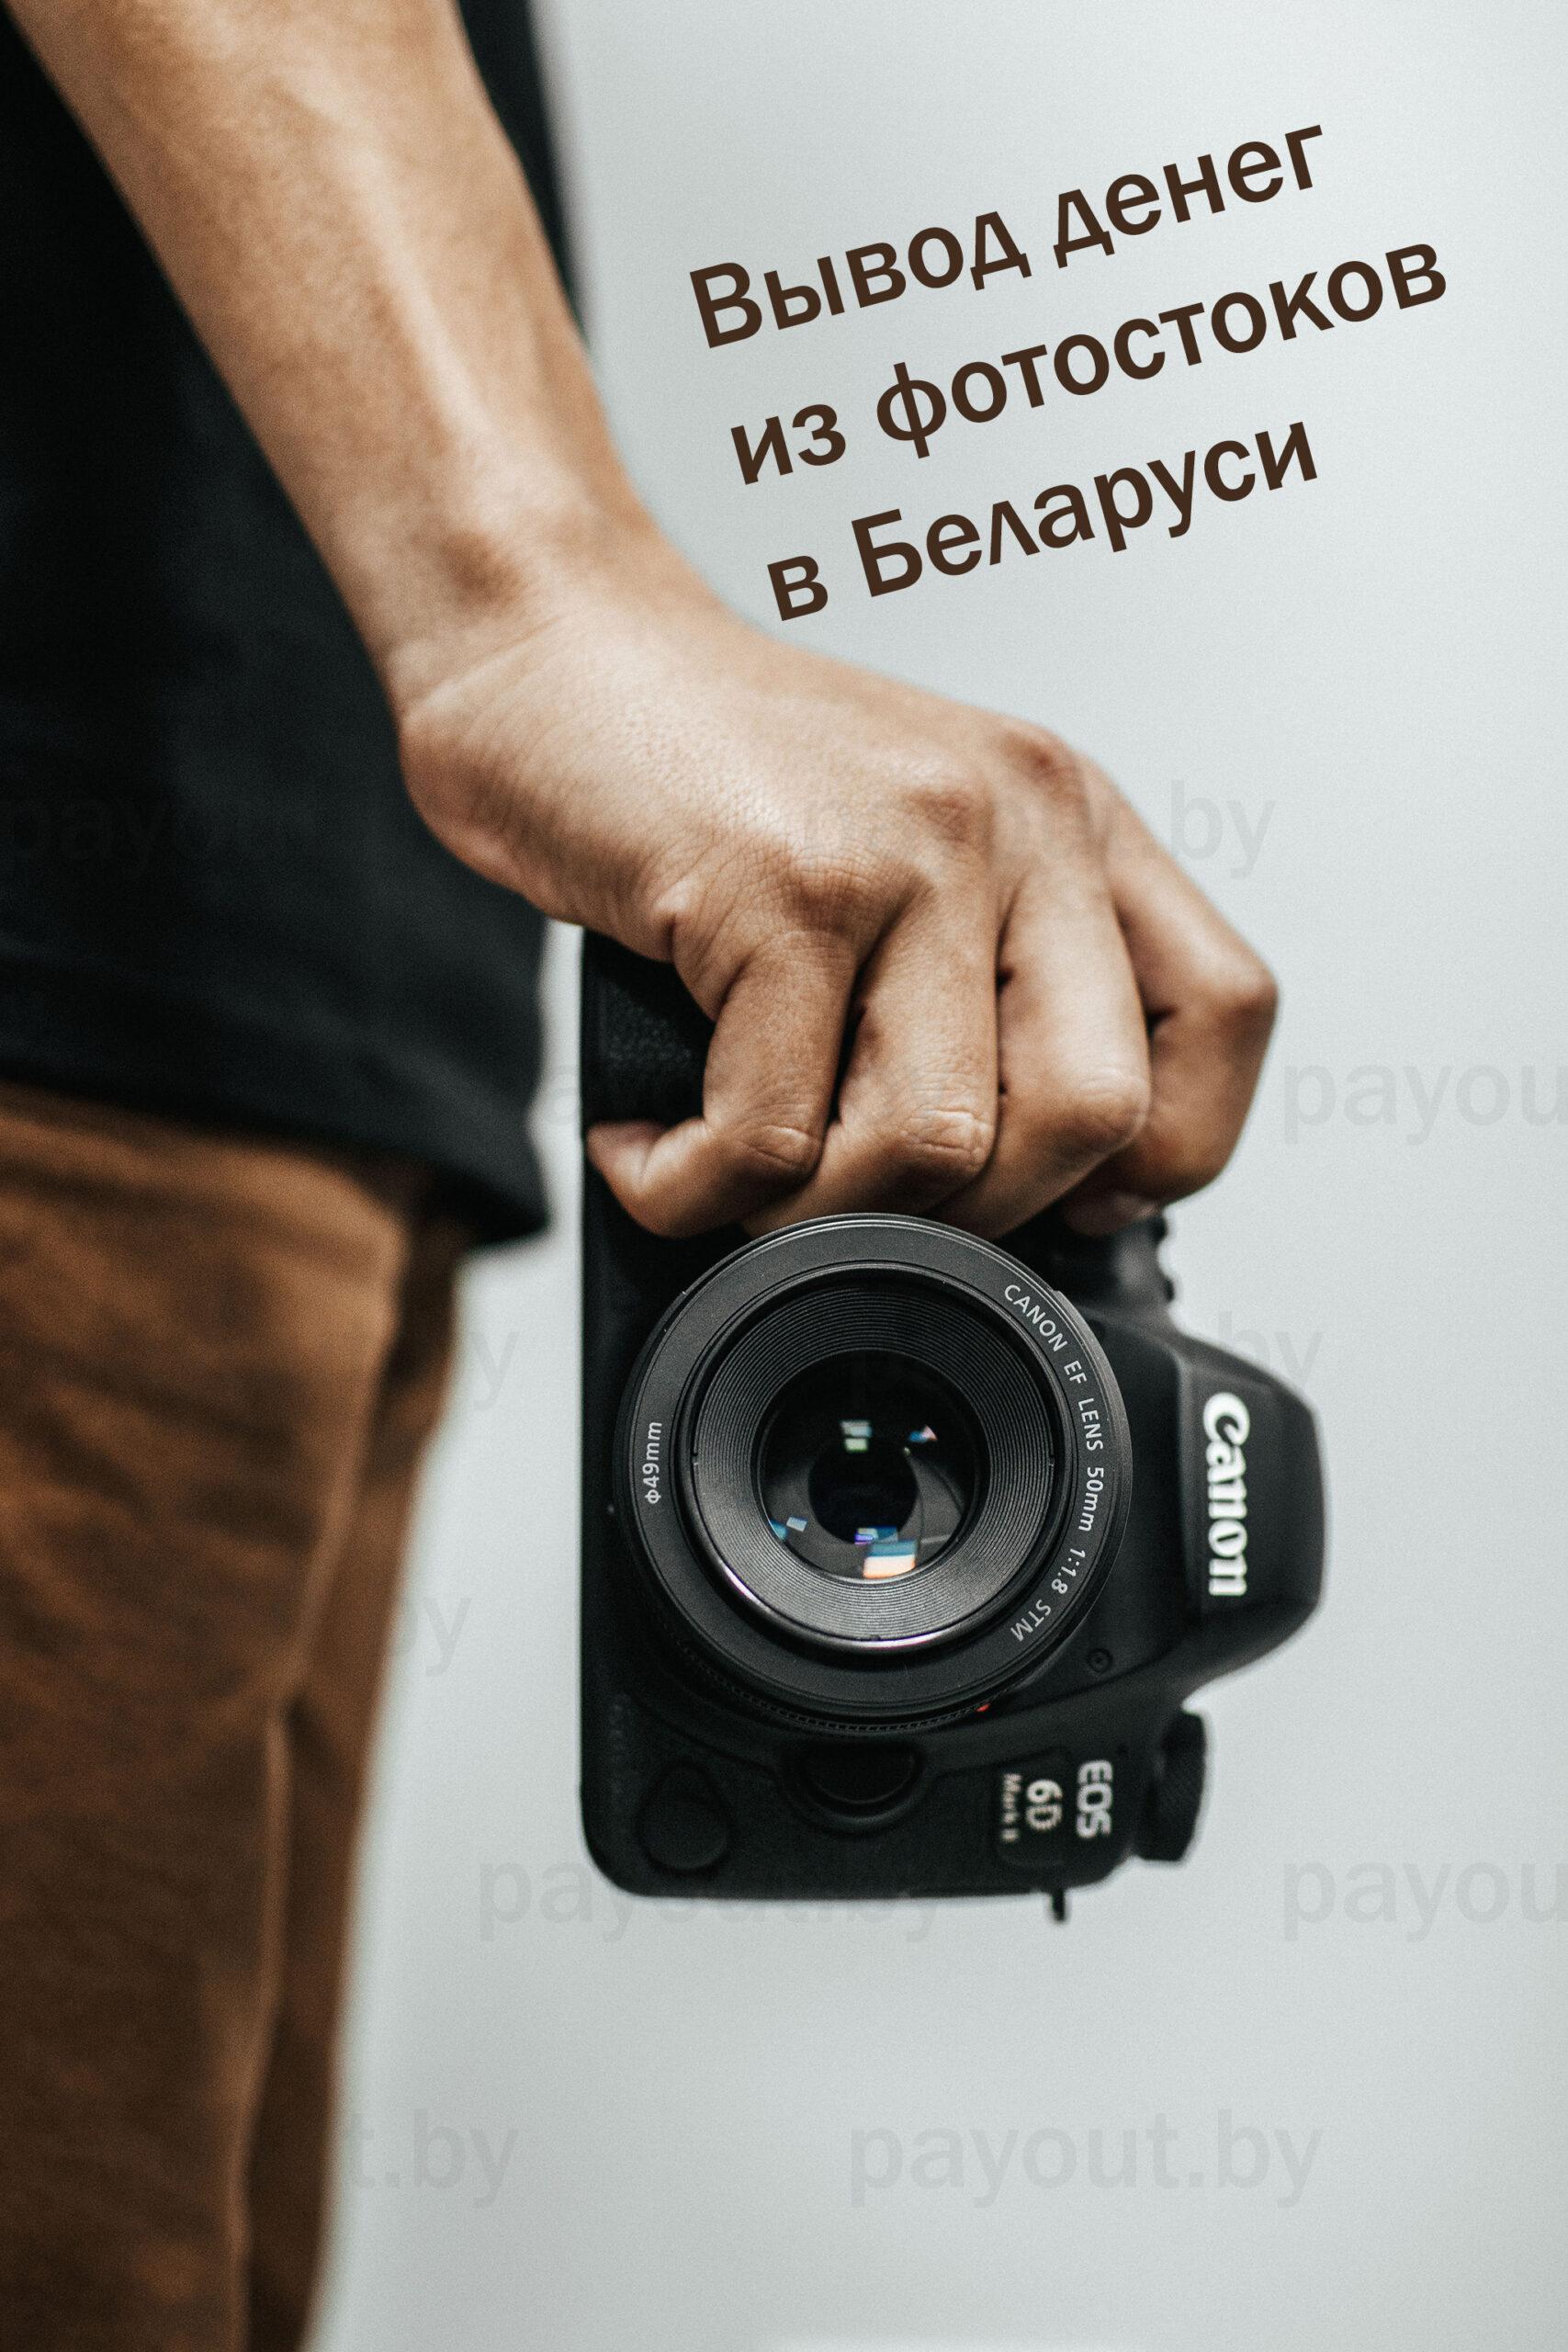 Куда правильно и выгодно выводить деньги из фотостоков в Беларуси?